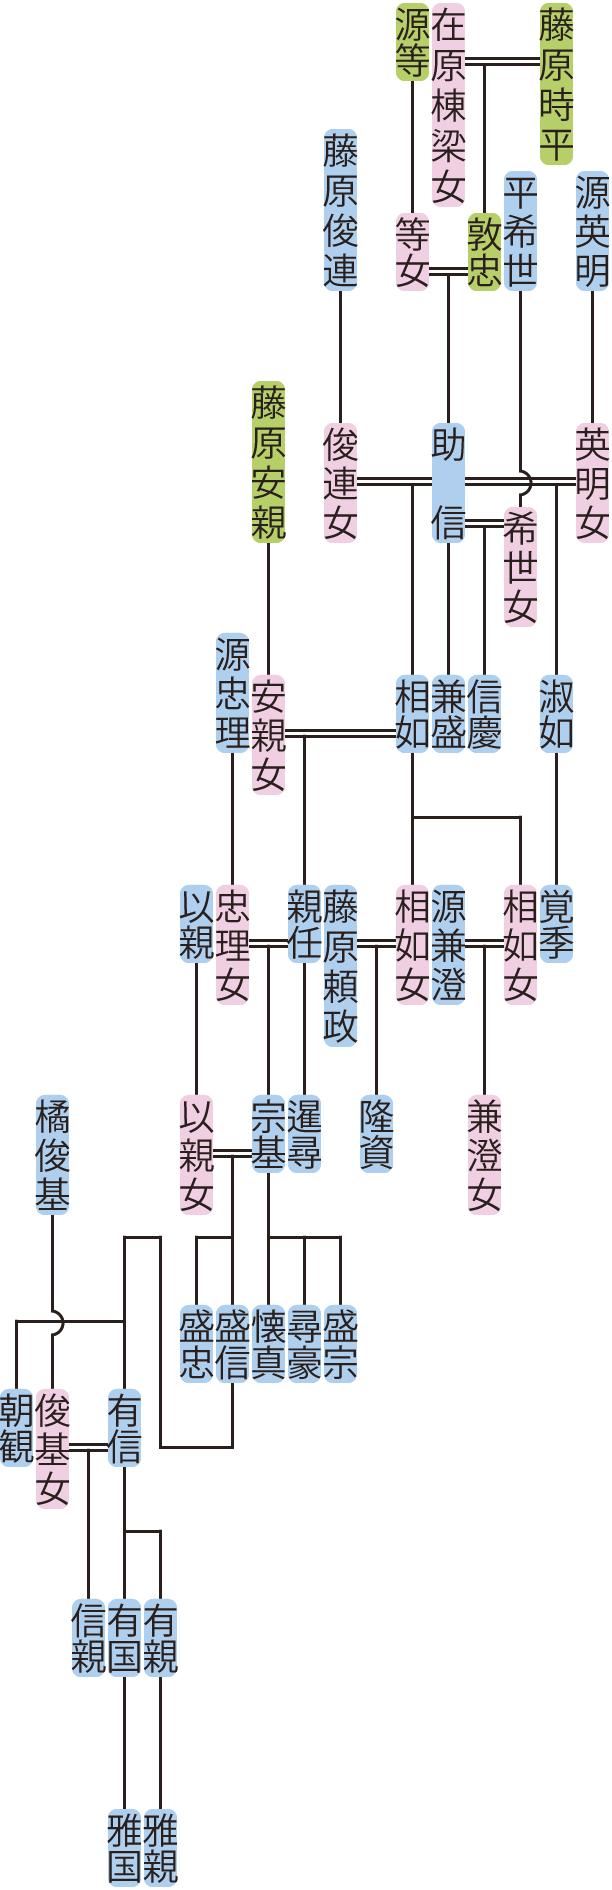 藤原助信の系図